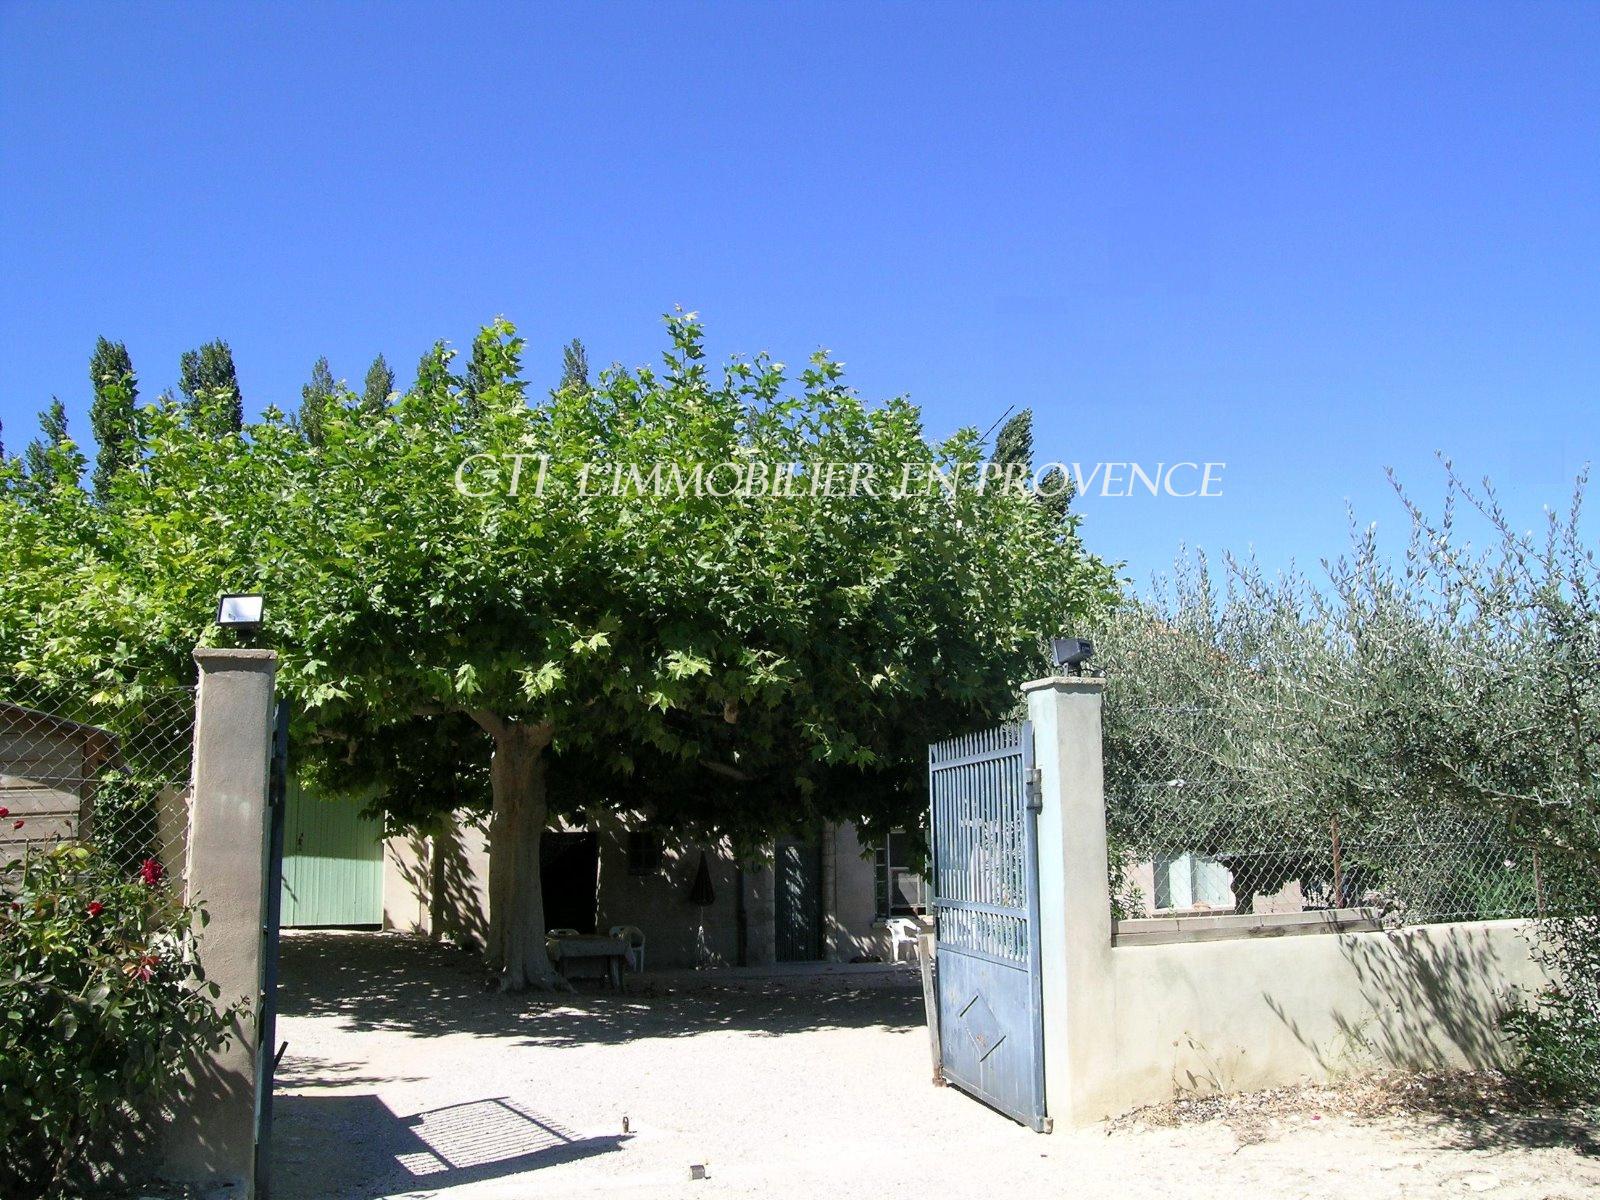 0 www.cti-provence.net, vente 5 mn Vaison, situation privilégiée, mas en pierre avec v